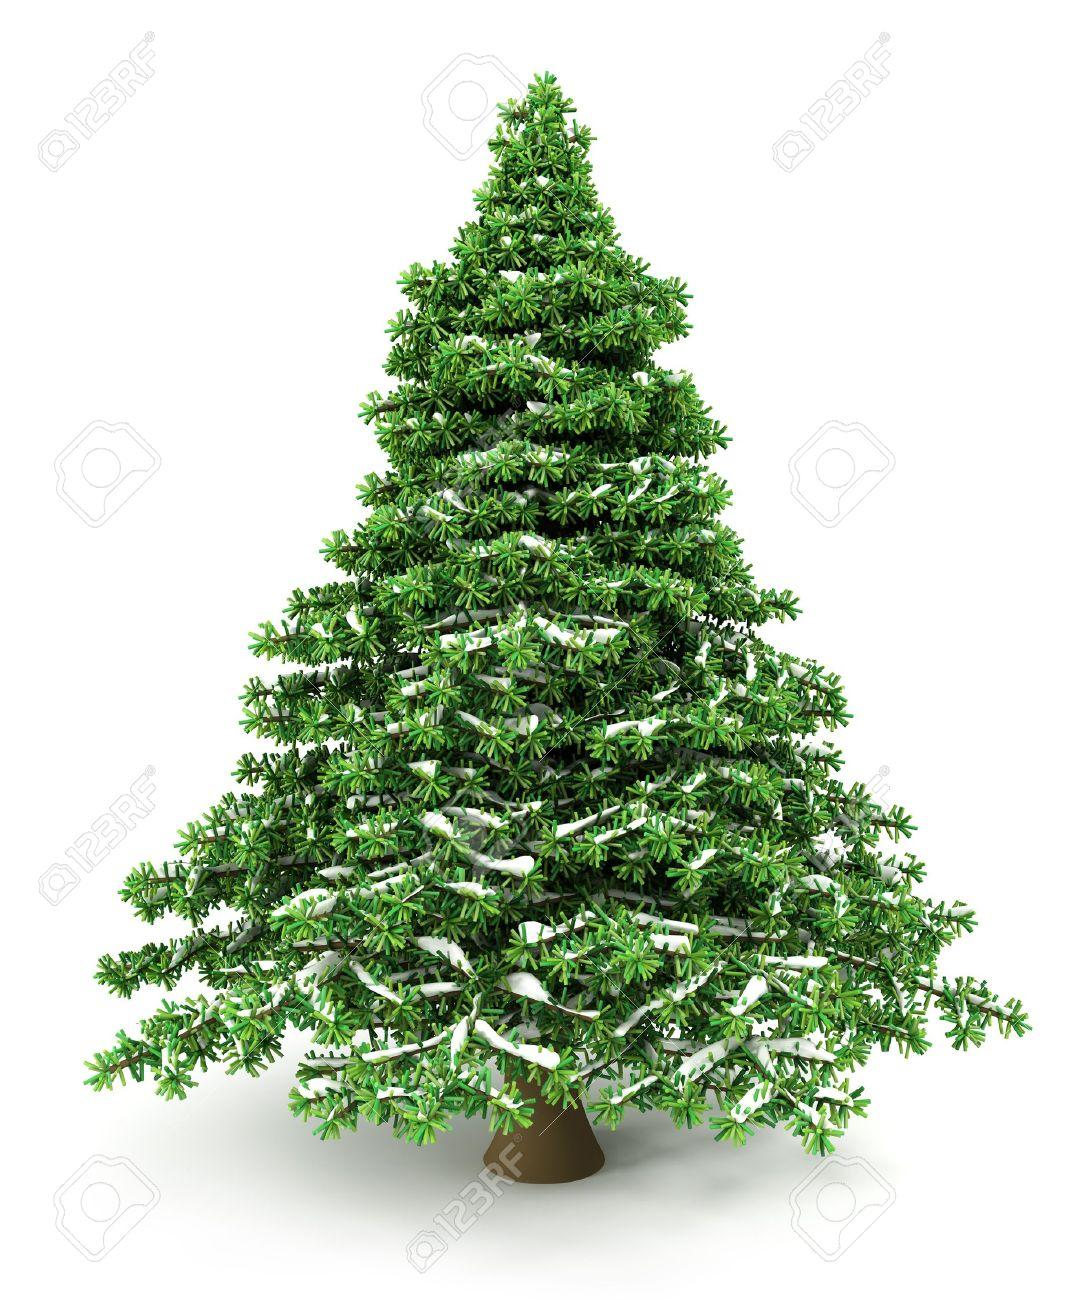 Snowy Christmas Tree - 11375665